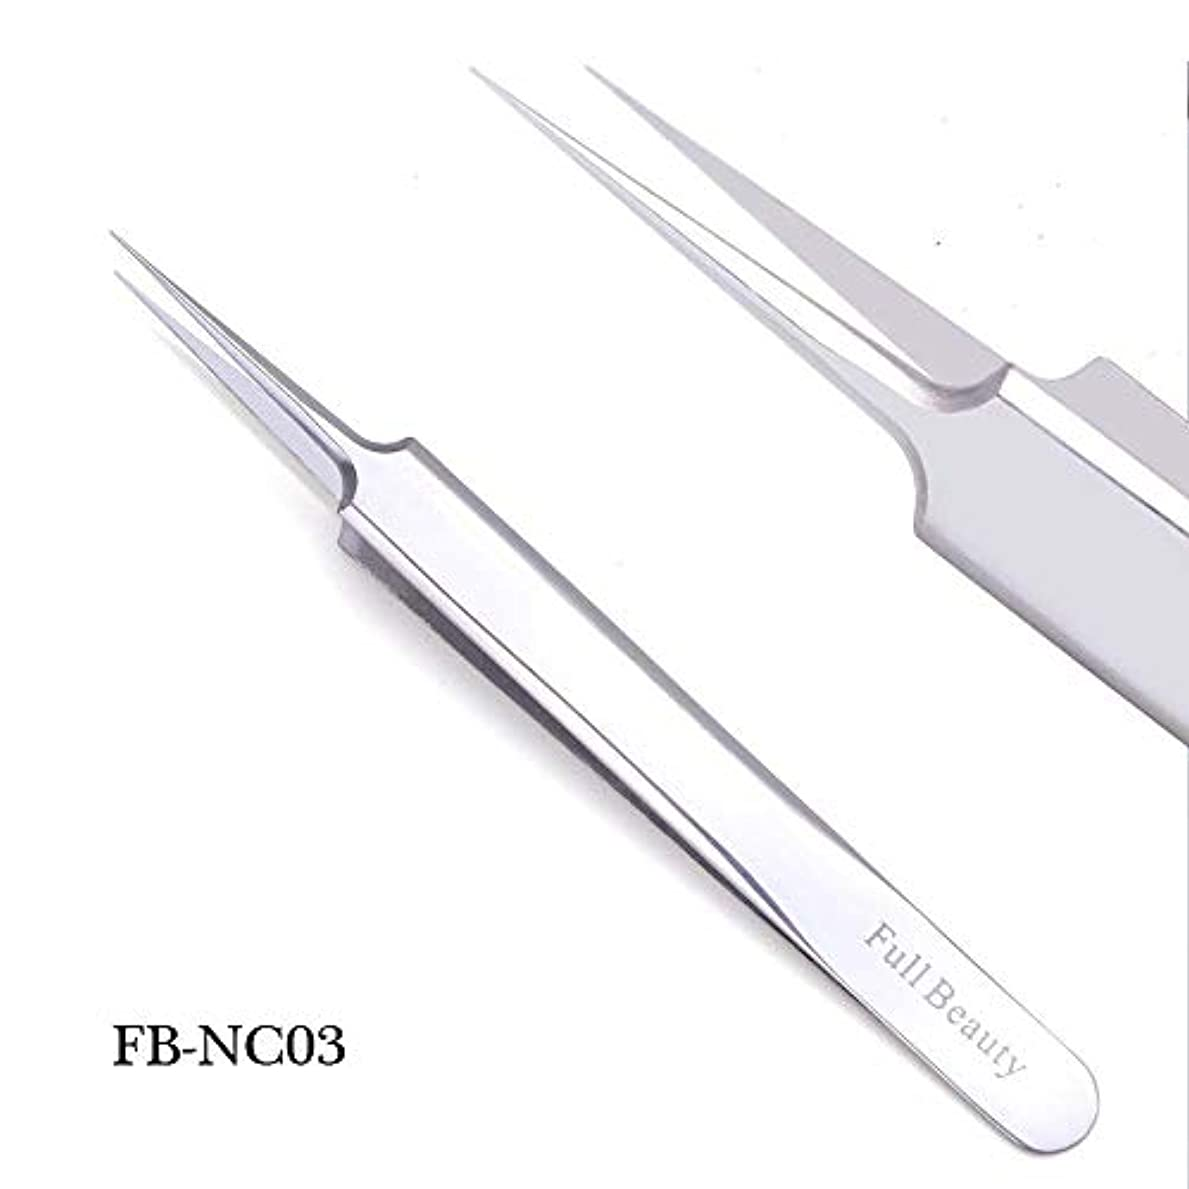 欠員マウス安全でない1ピーススライバーミラー眉毛ピンセット湾曲ストレートまつげエクステンションネイルニッパーにきびクリーニング化粧道具マニキュアSAFBNC01-04 FB-NC03